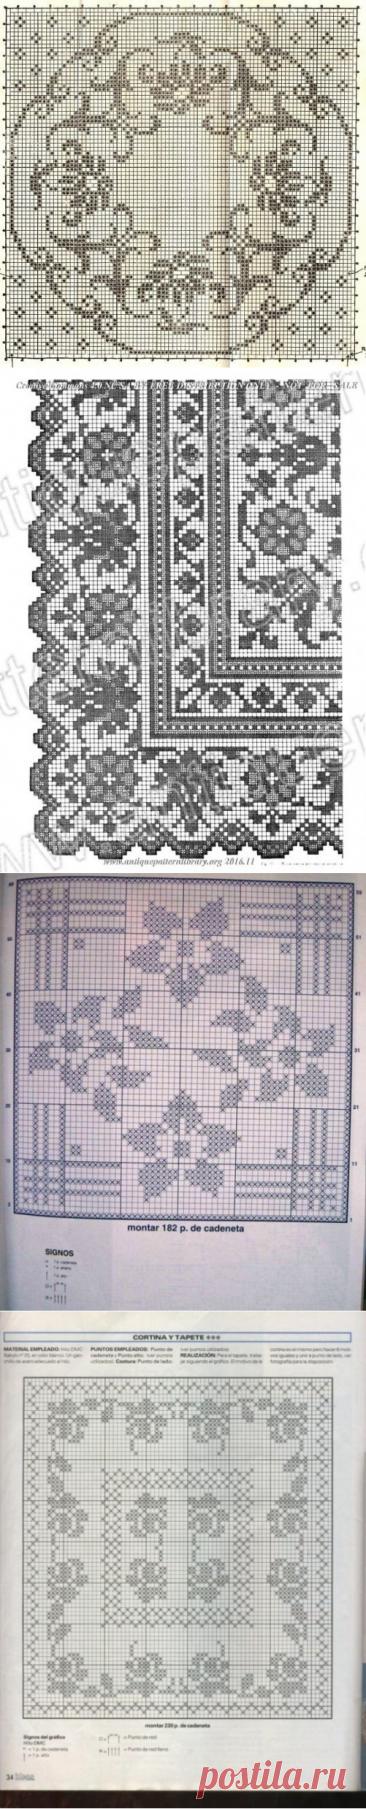 Филейные схемы для вязания крючком